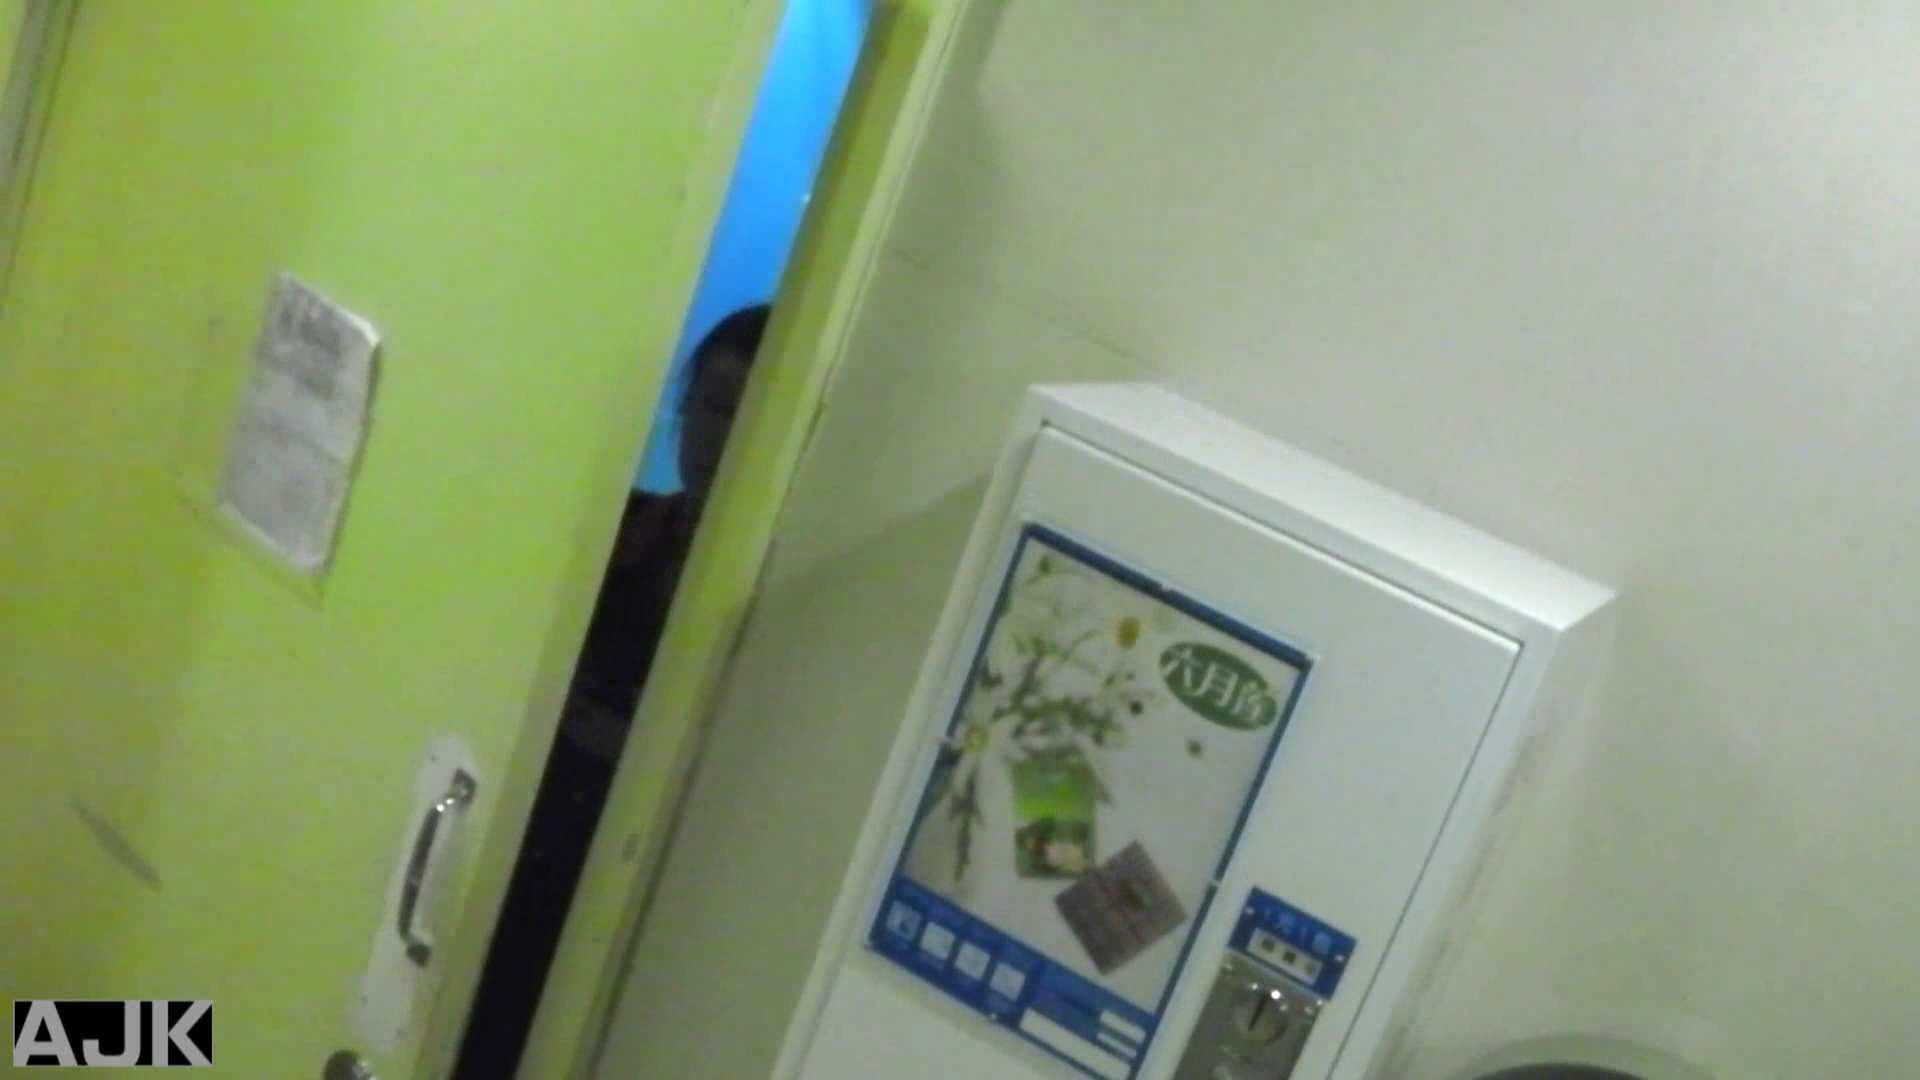 隣国上階級エリアの令嬢たちが集うデパートお手洗い Vol.11 OLの実態  58pic 6